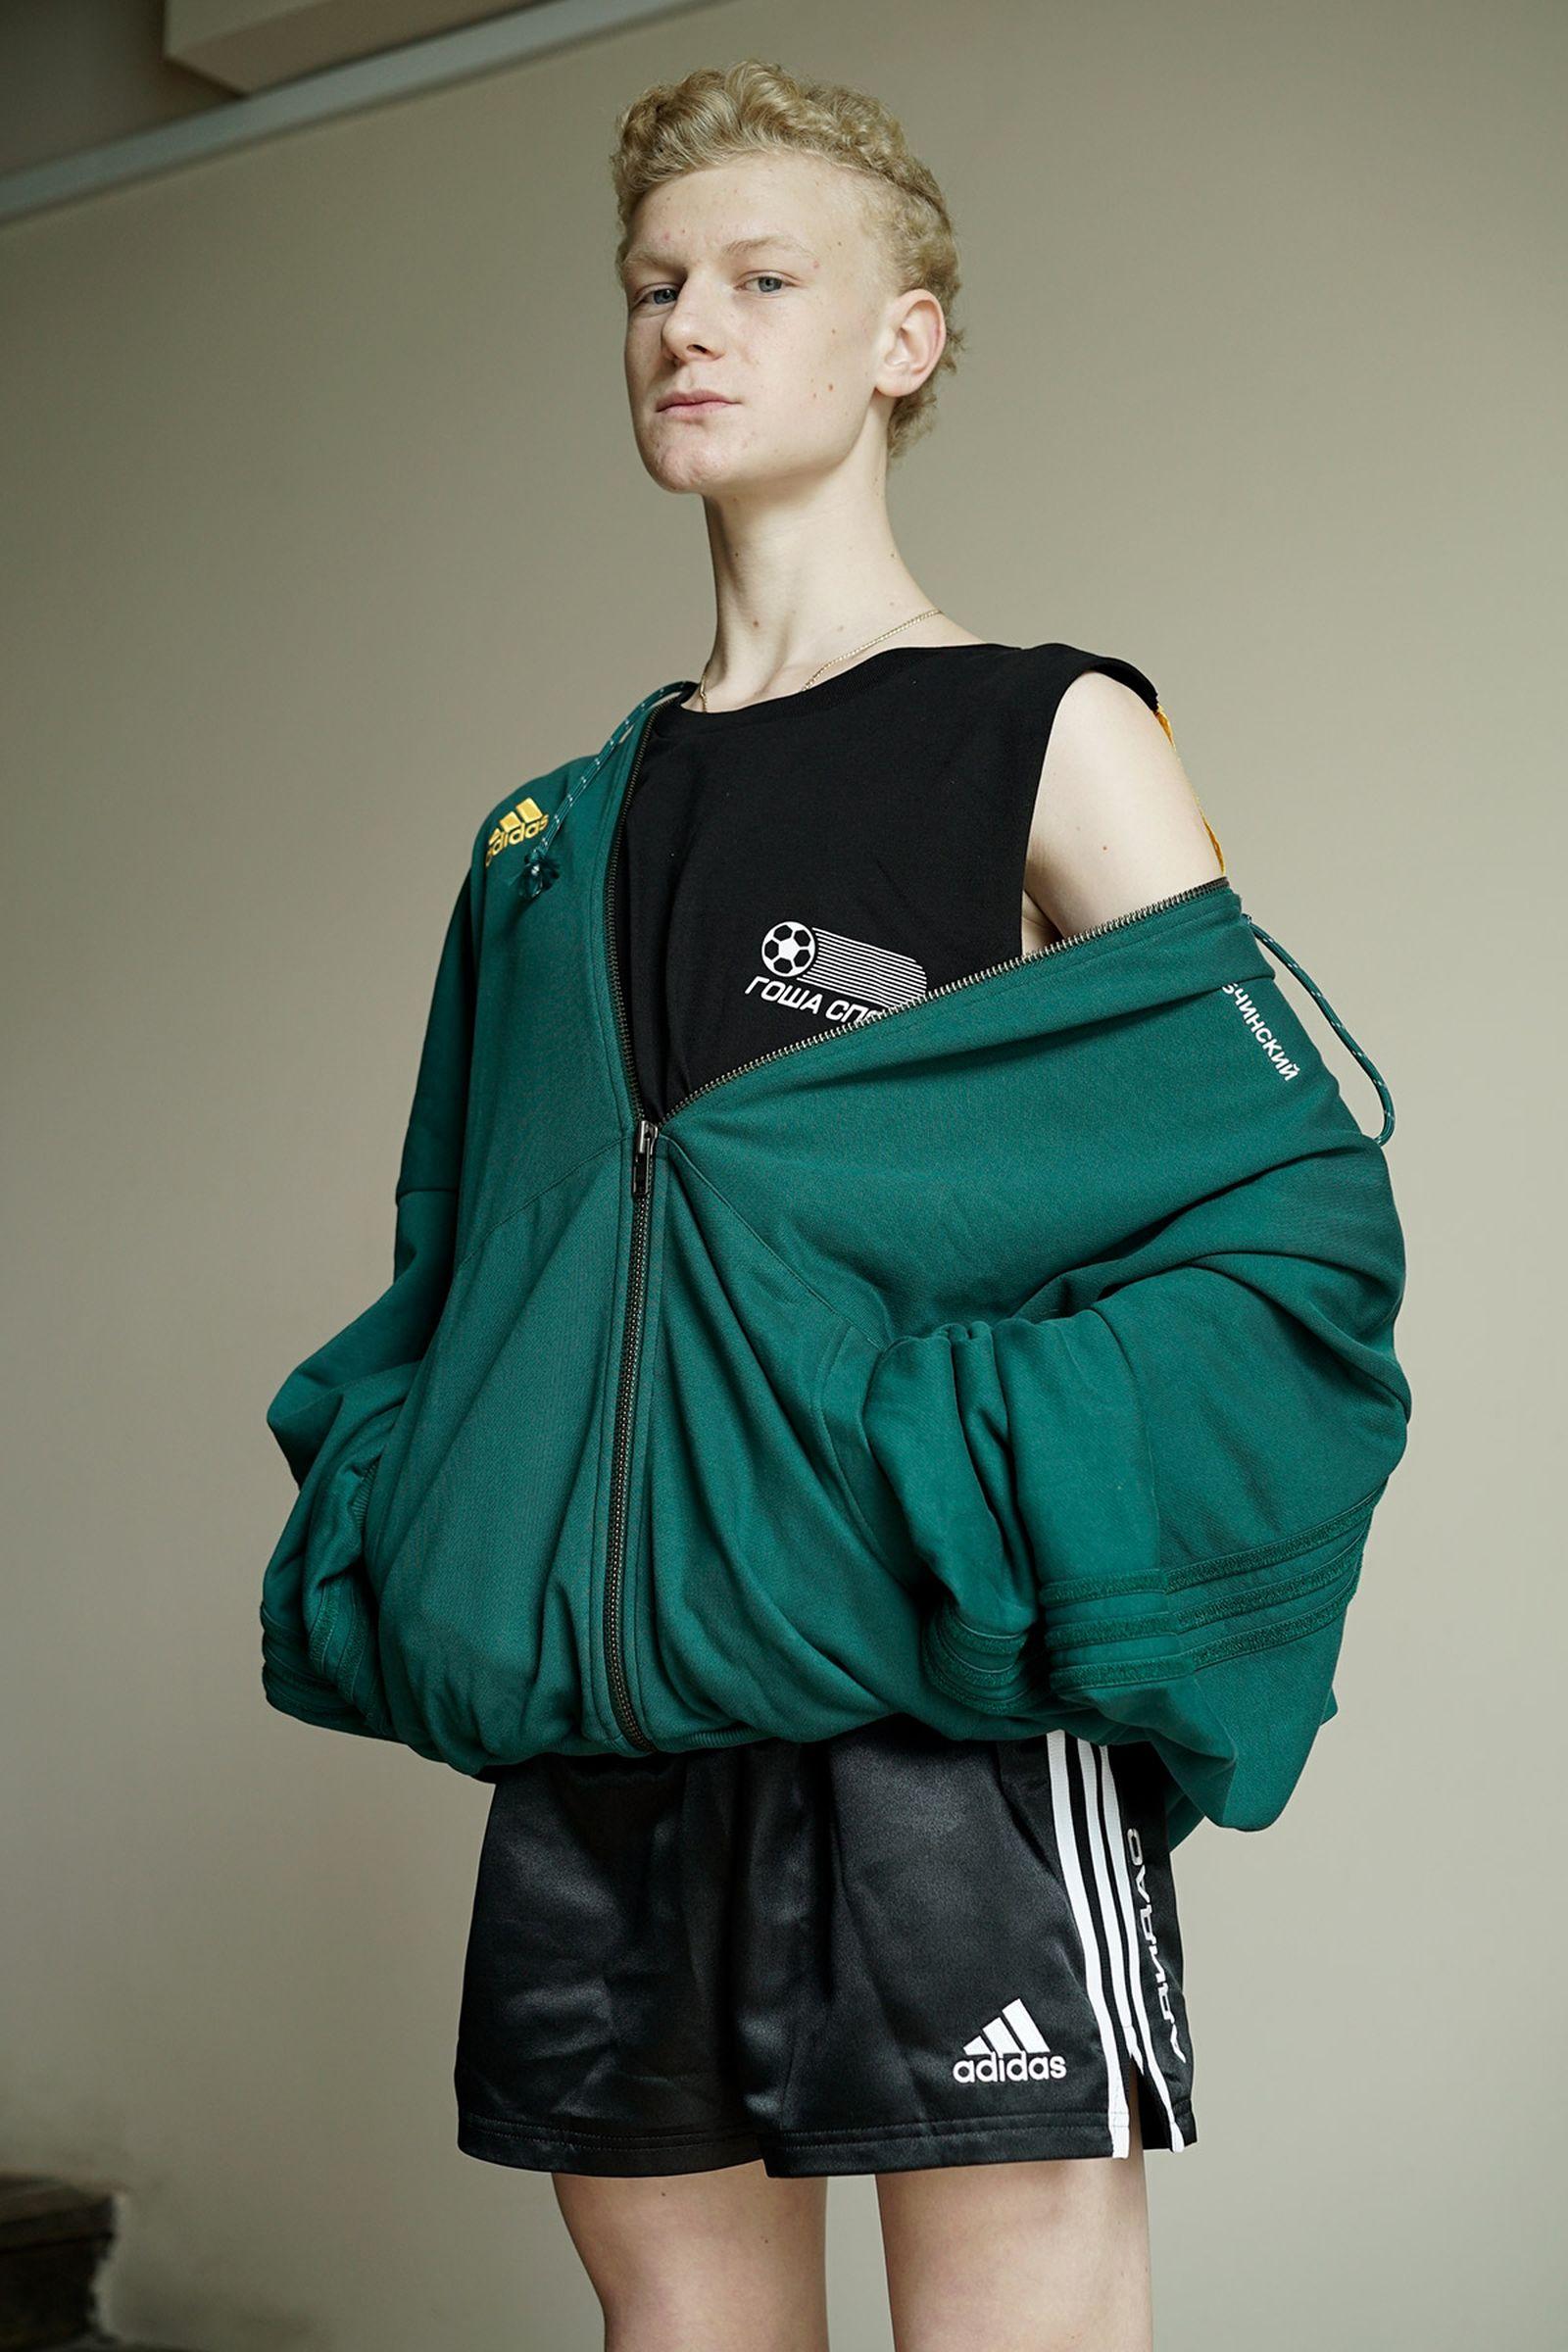 adidas-football-gosha-rubchinskiy-streetwear-08